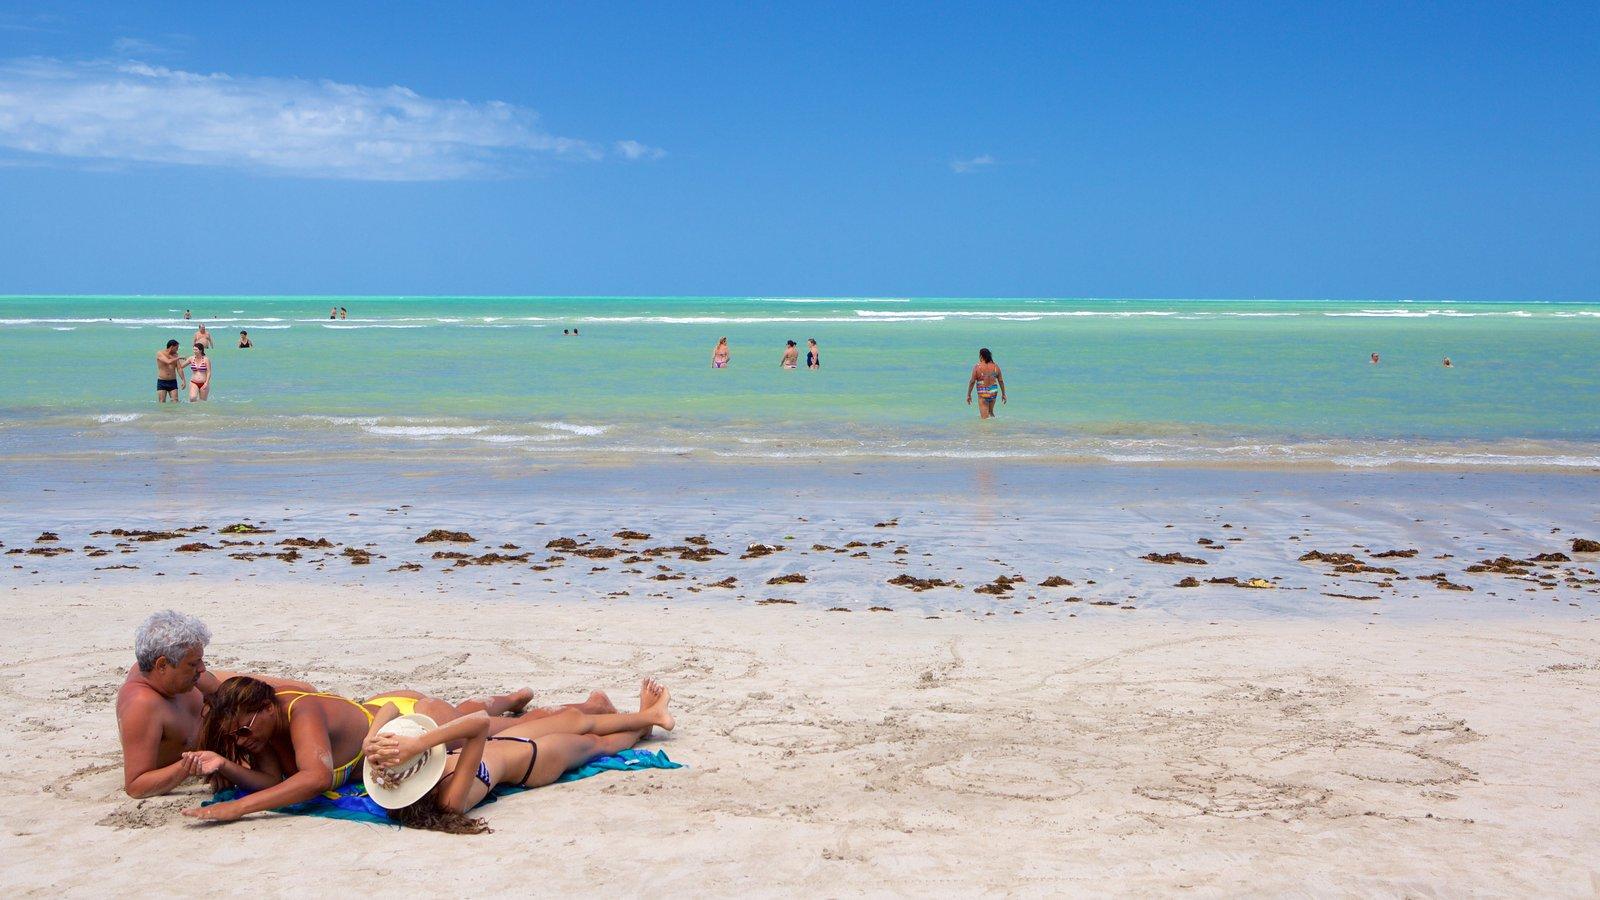 Praia de Paripueira mostrando paisagens litorâneas, natação e uma praia